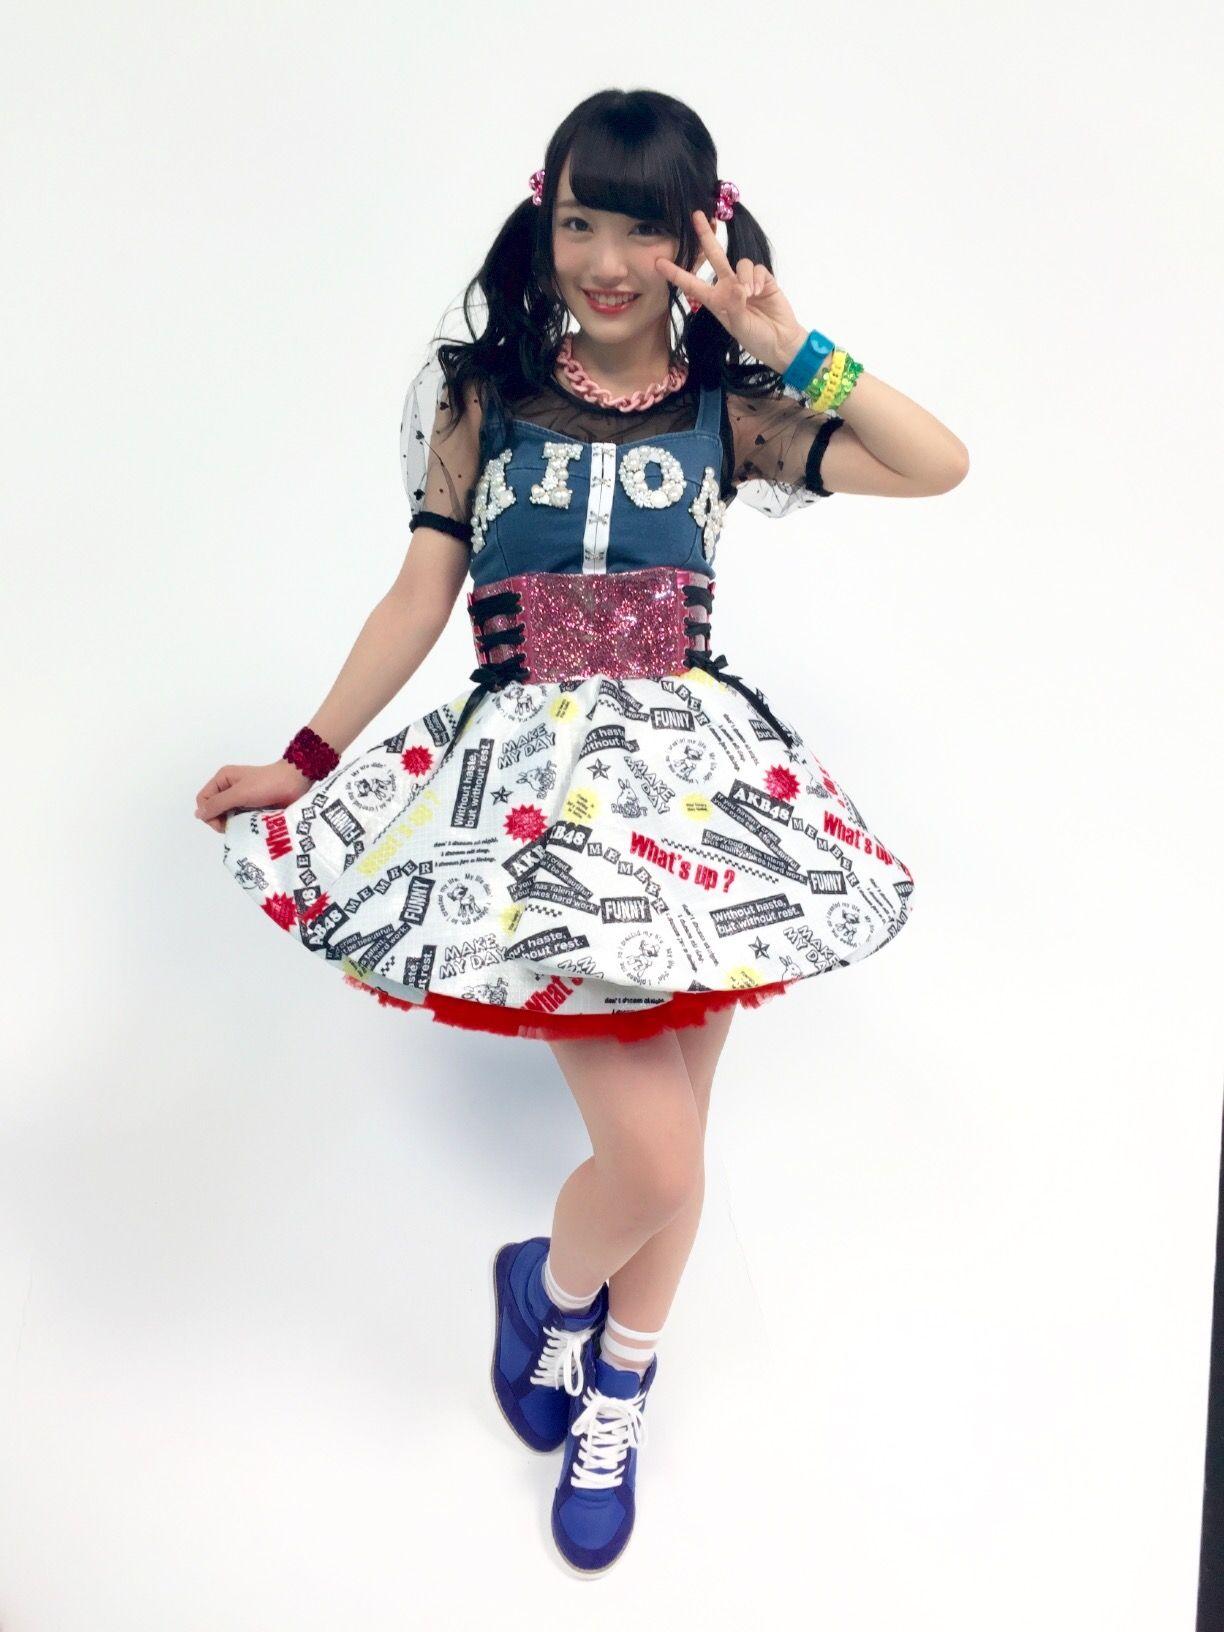 向井地美音 Mukaichi Mion #AKB48 #mukaichi Mion #Team4 #jpop #idol